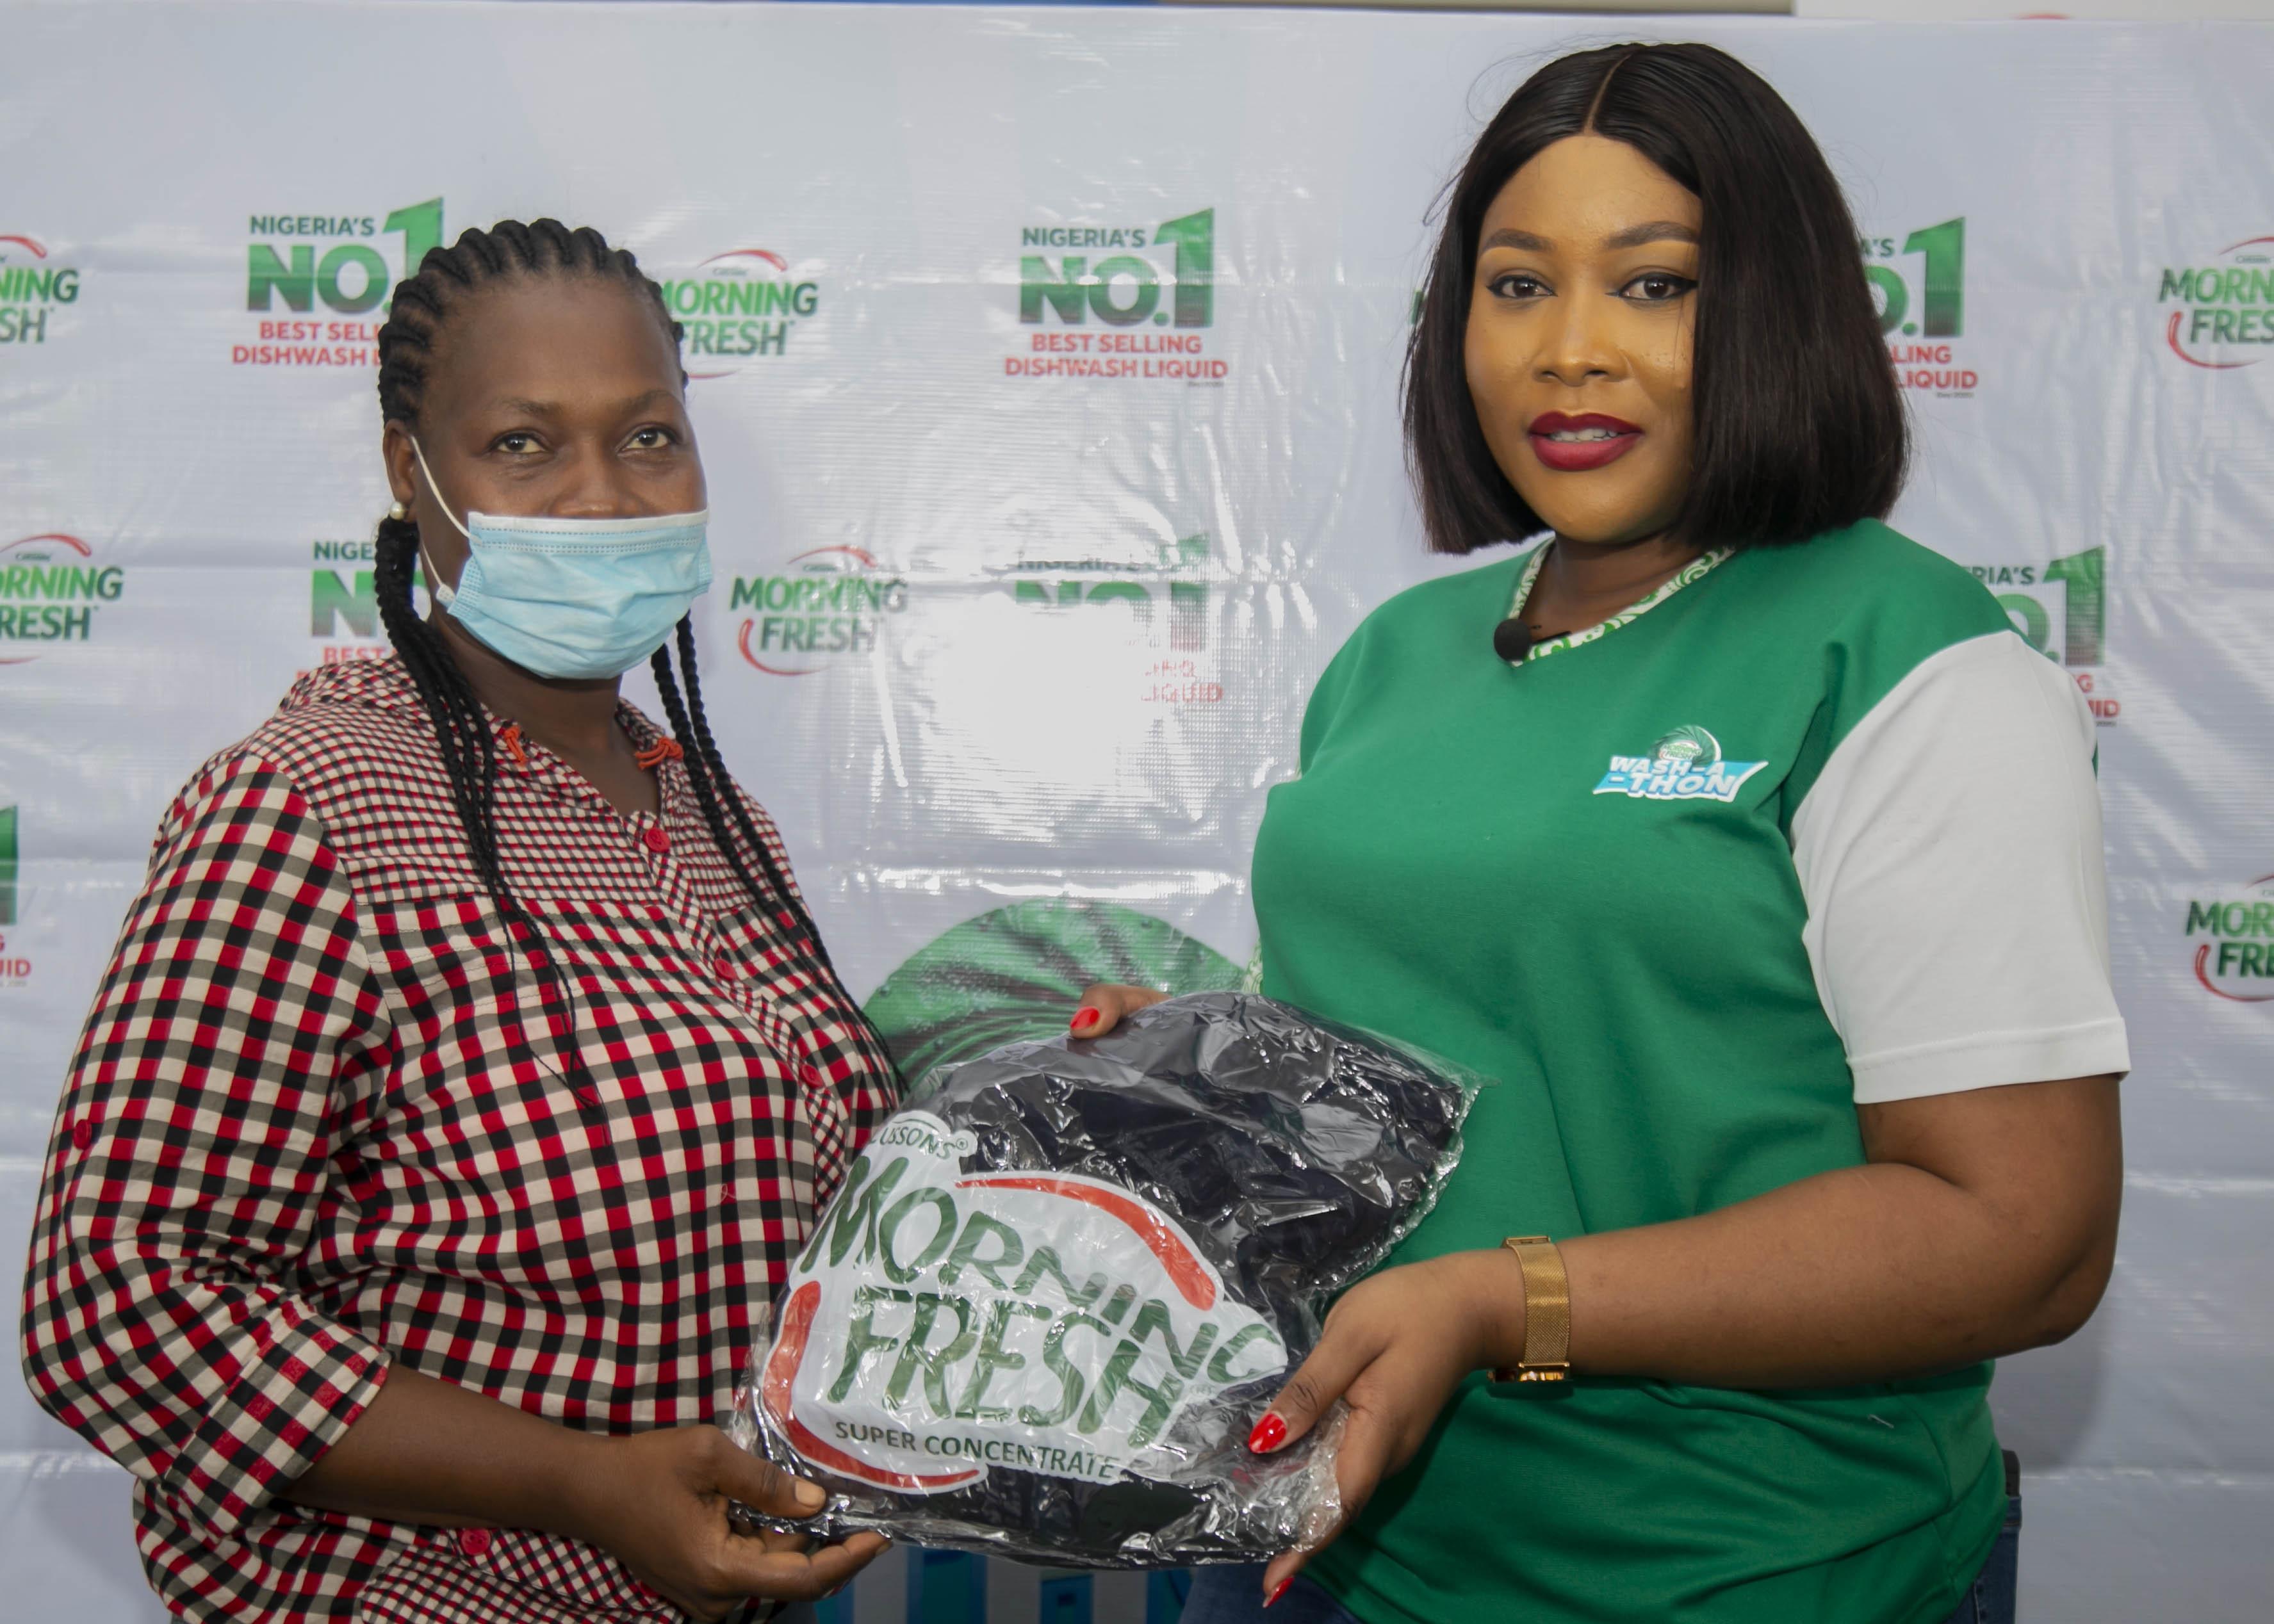 Diary of a Kitchen Lover, Tolani tours Nigeria with the Morning Fresh Washathon train